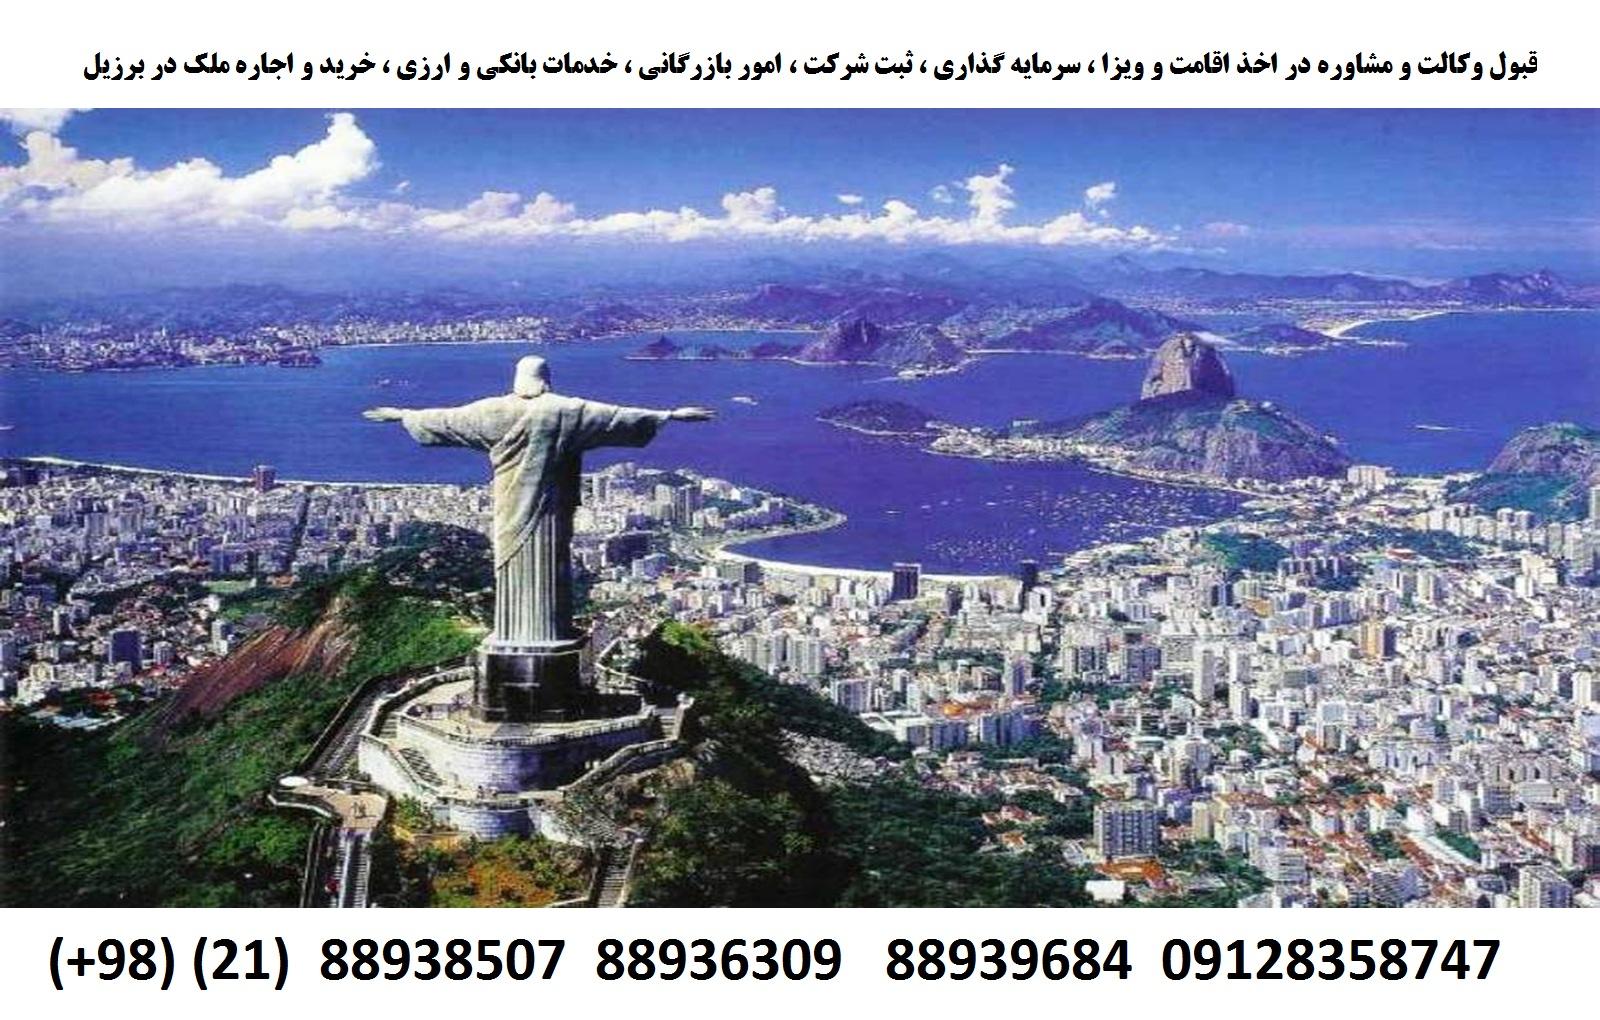 اقامت ، ویزا ، ثبت شرکت ، سرمایه گذاری در برزیل (3)